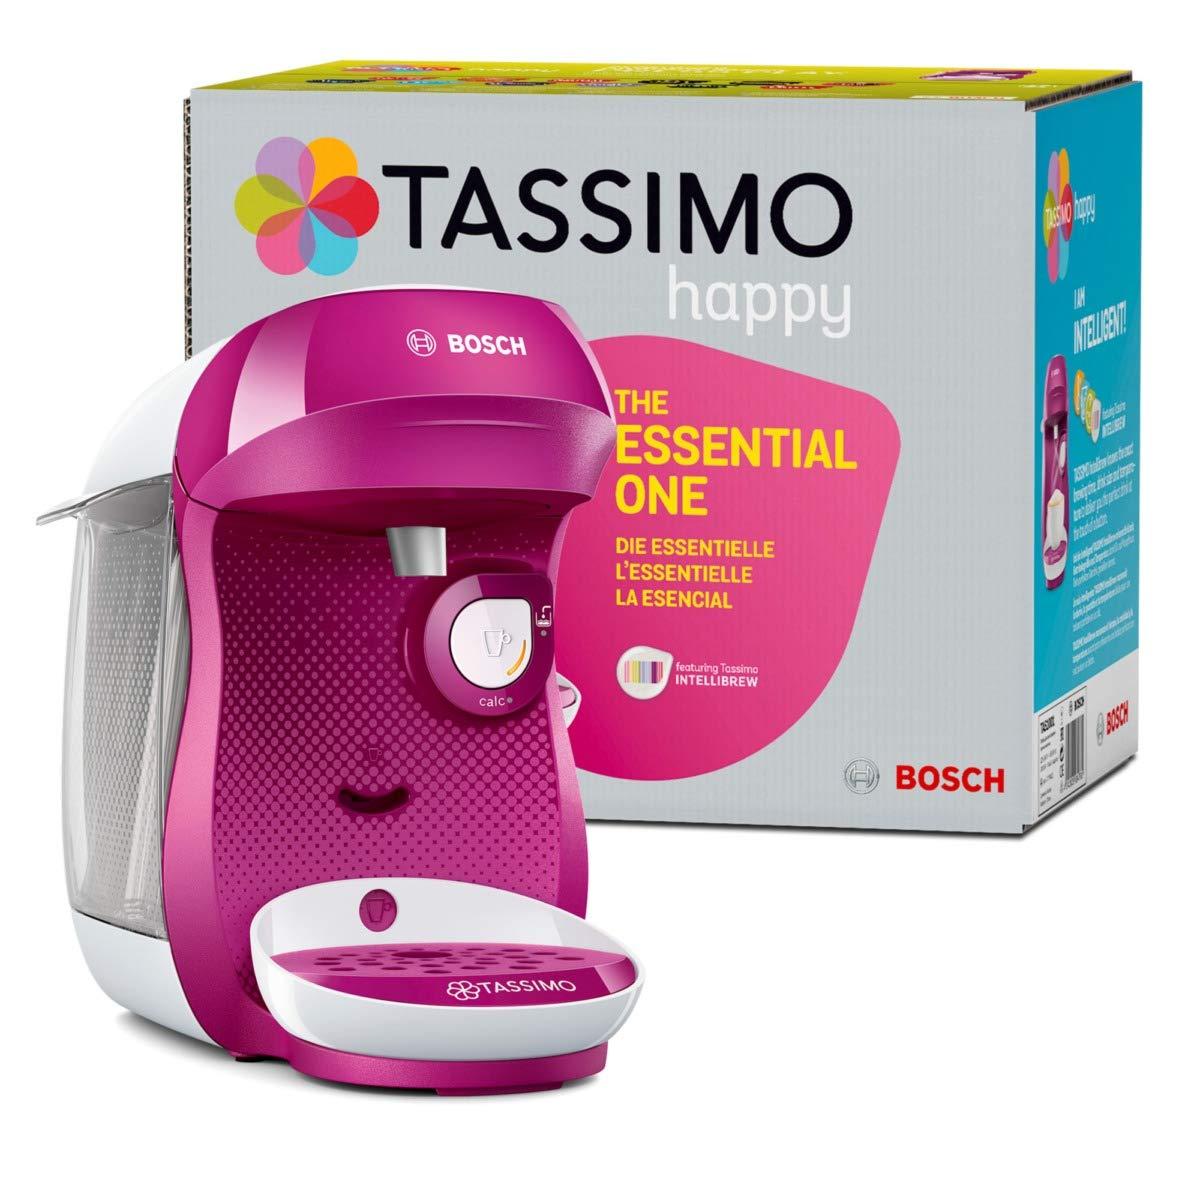 Bosch TAS1001 Tassimo Happy Cafetera Monodosis Multibebida, 1400 W, 0.7 litros, plástico, Rosa